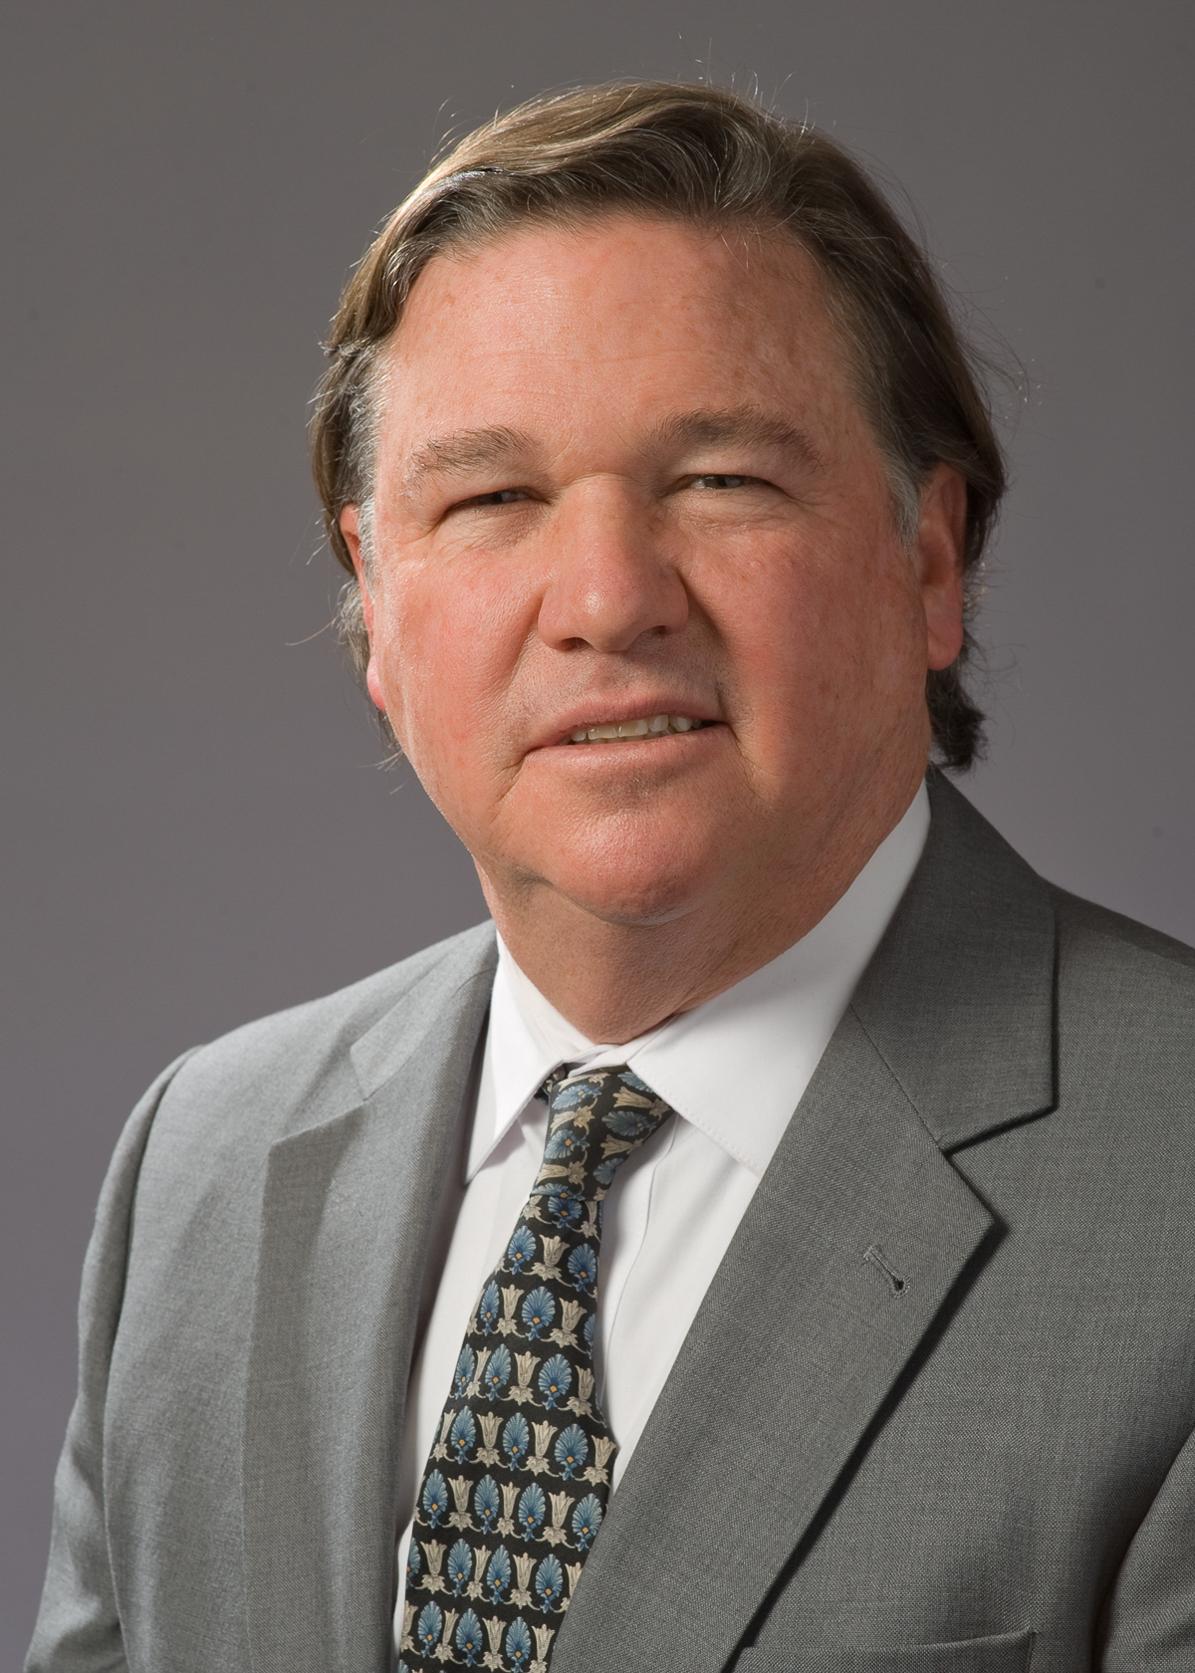 Peter J. Moran